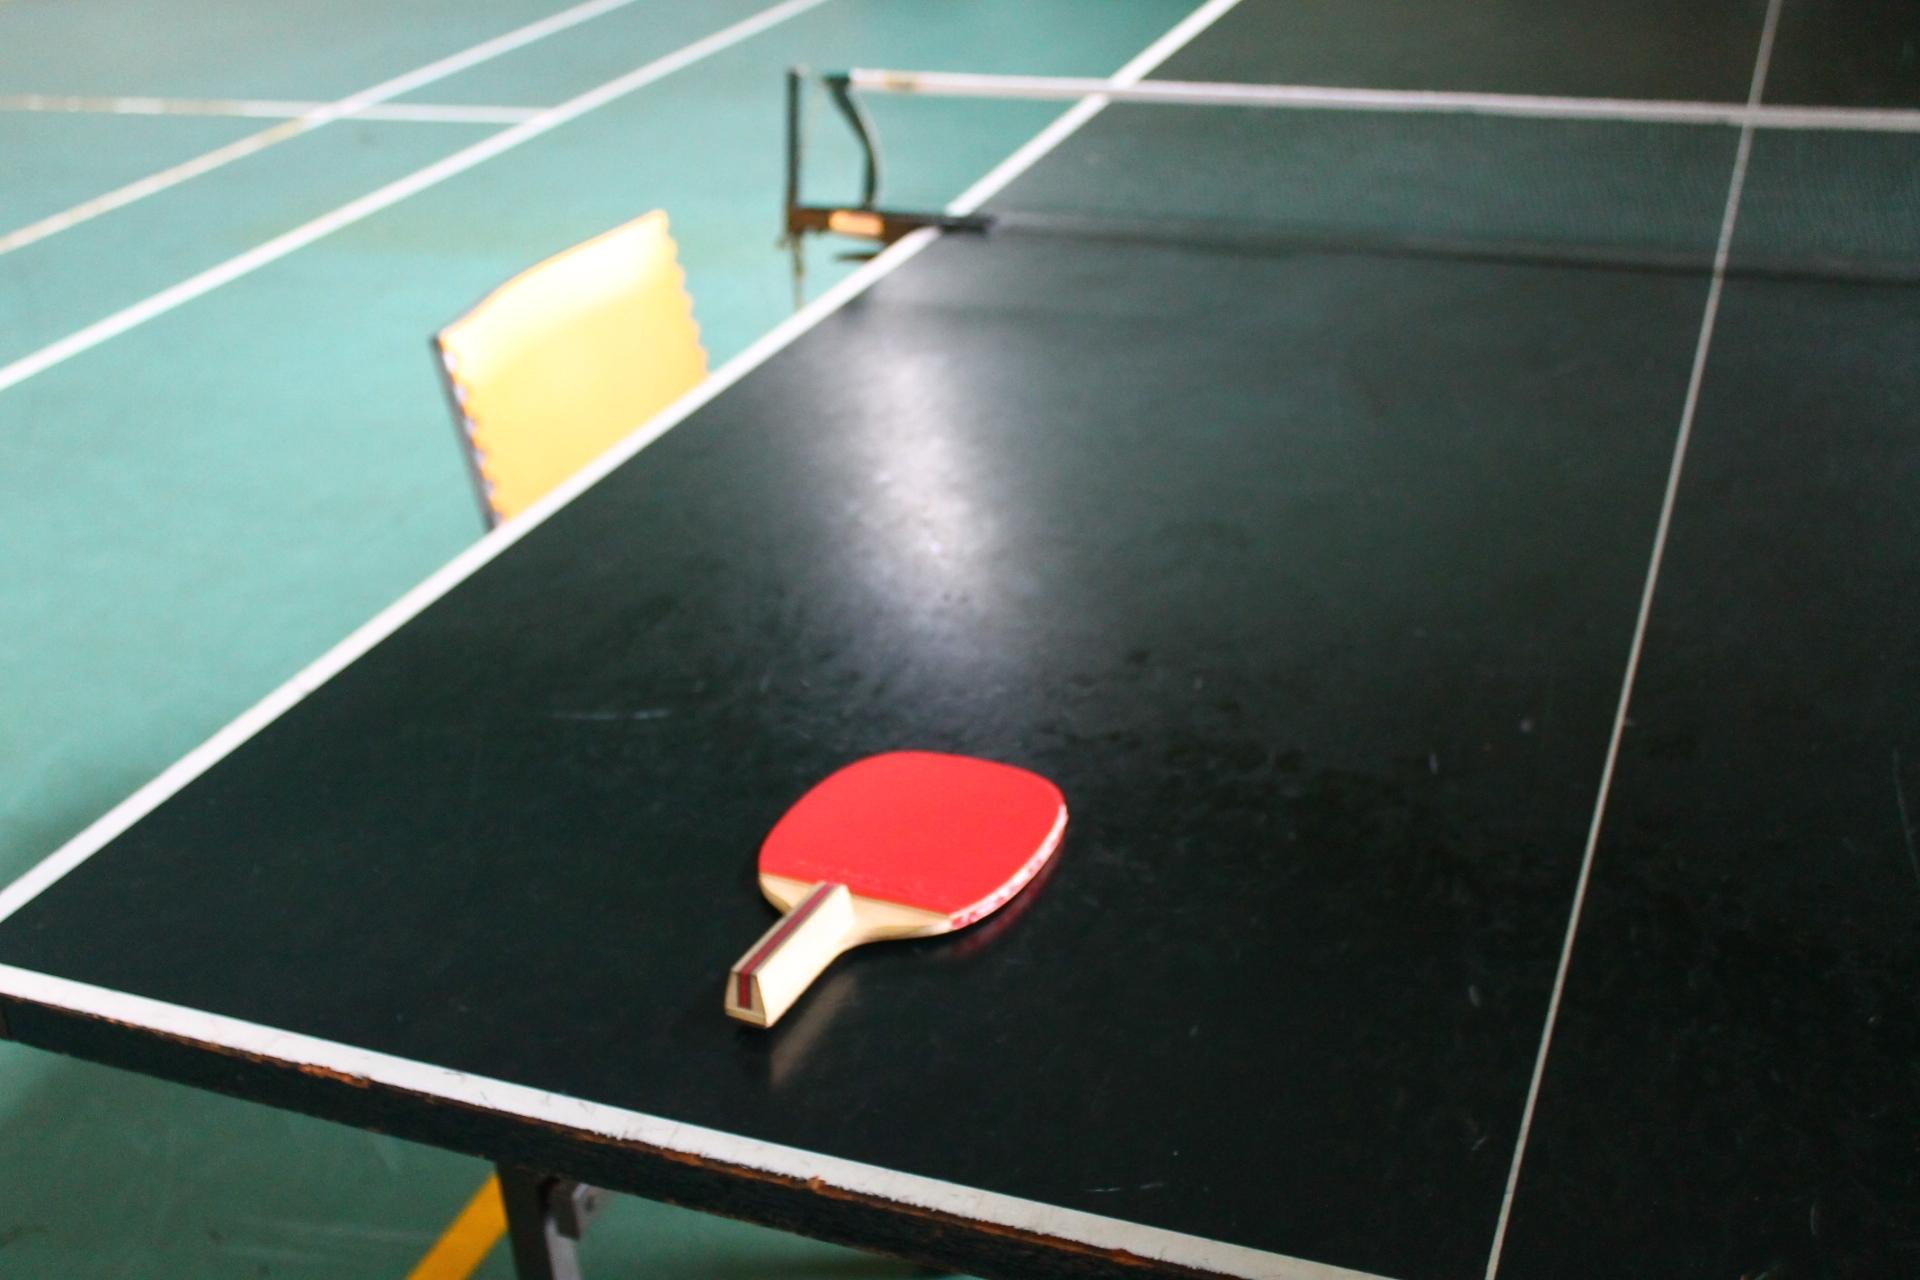 卓球の練習メニューの立て方、初心者が取り組みやすい基本練習